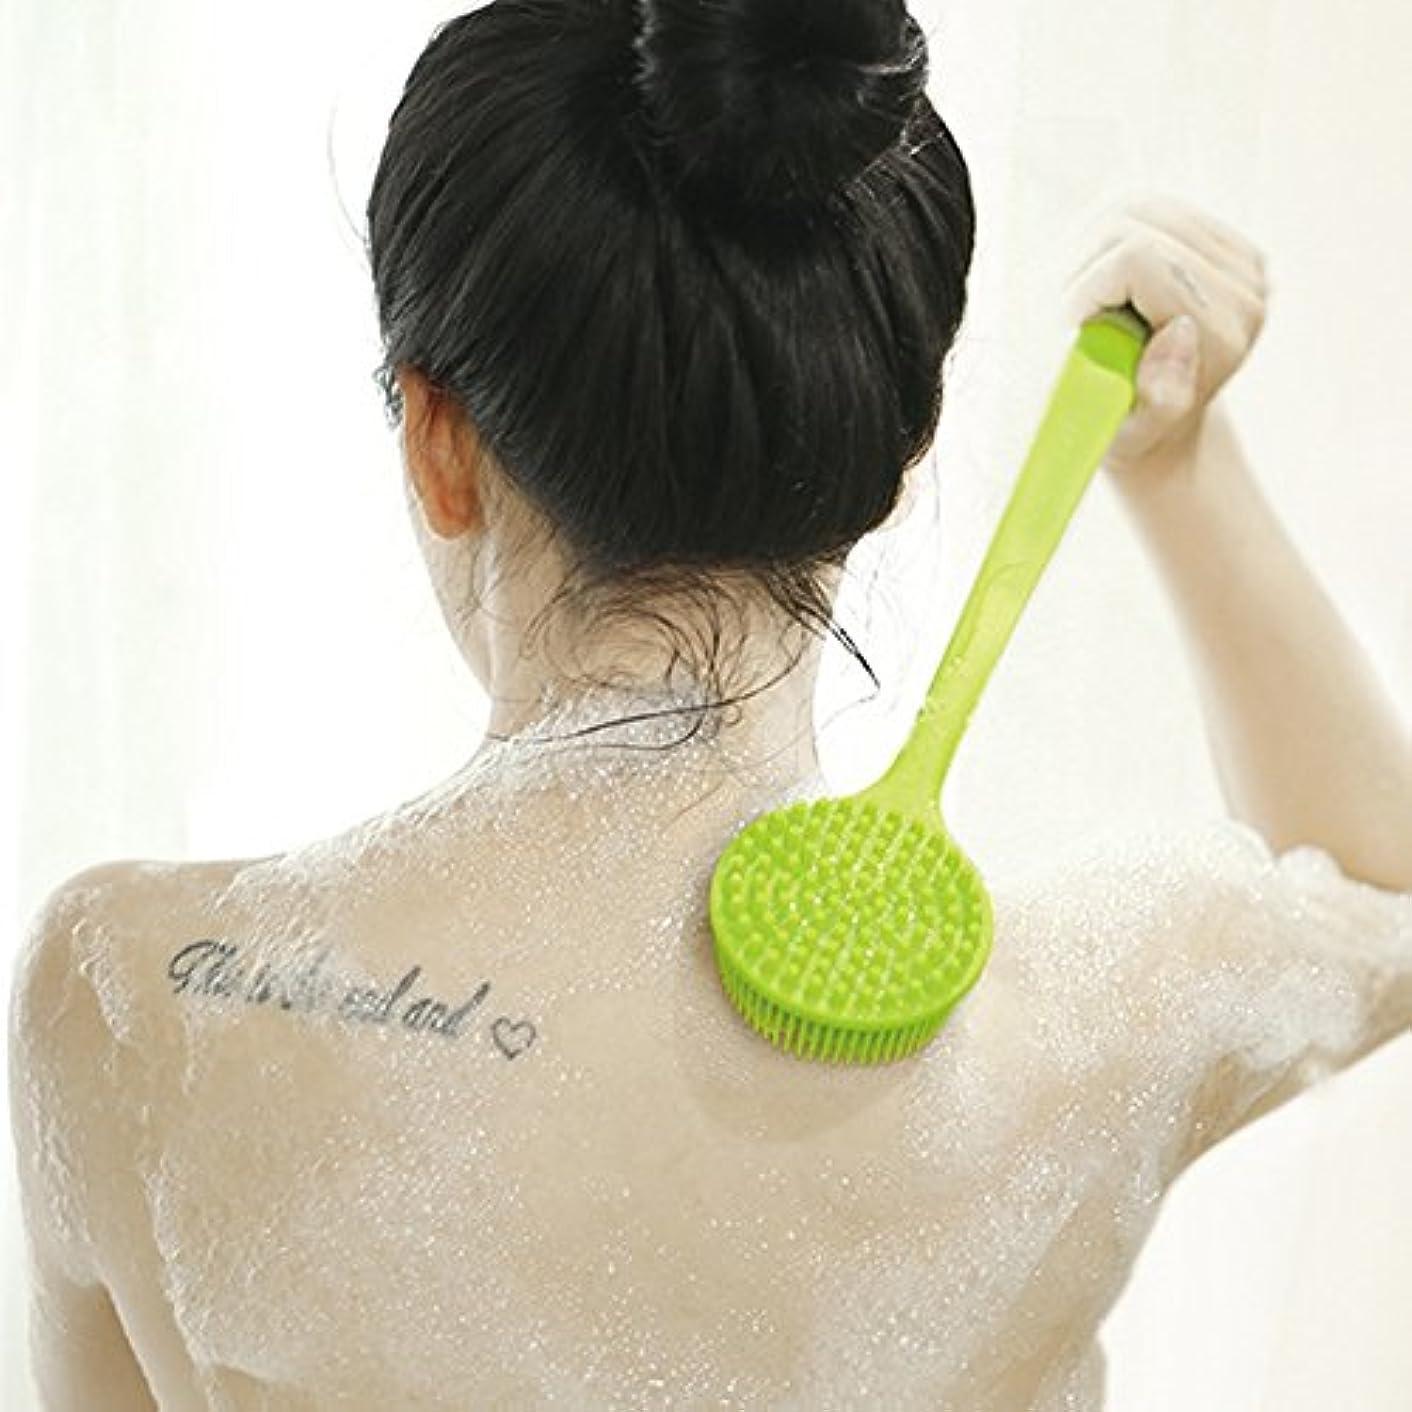 好奇心脆いグラマーボディブラシ シャワーブラシ お風呂用 シリコン製 体洗い マッサージブラシ 毛穴洗浄 角質除去 多機能 柔らかい